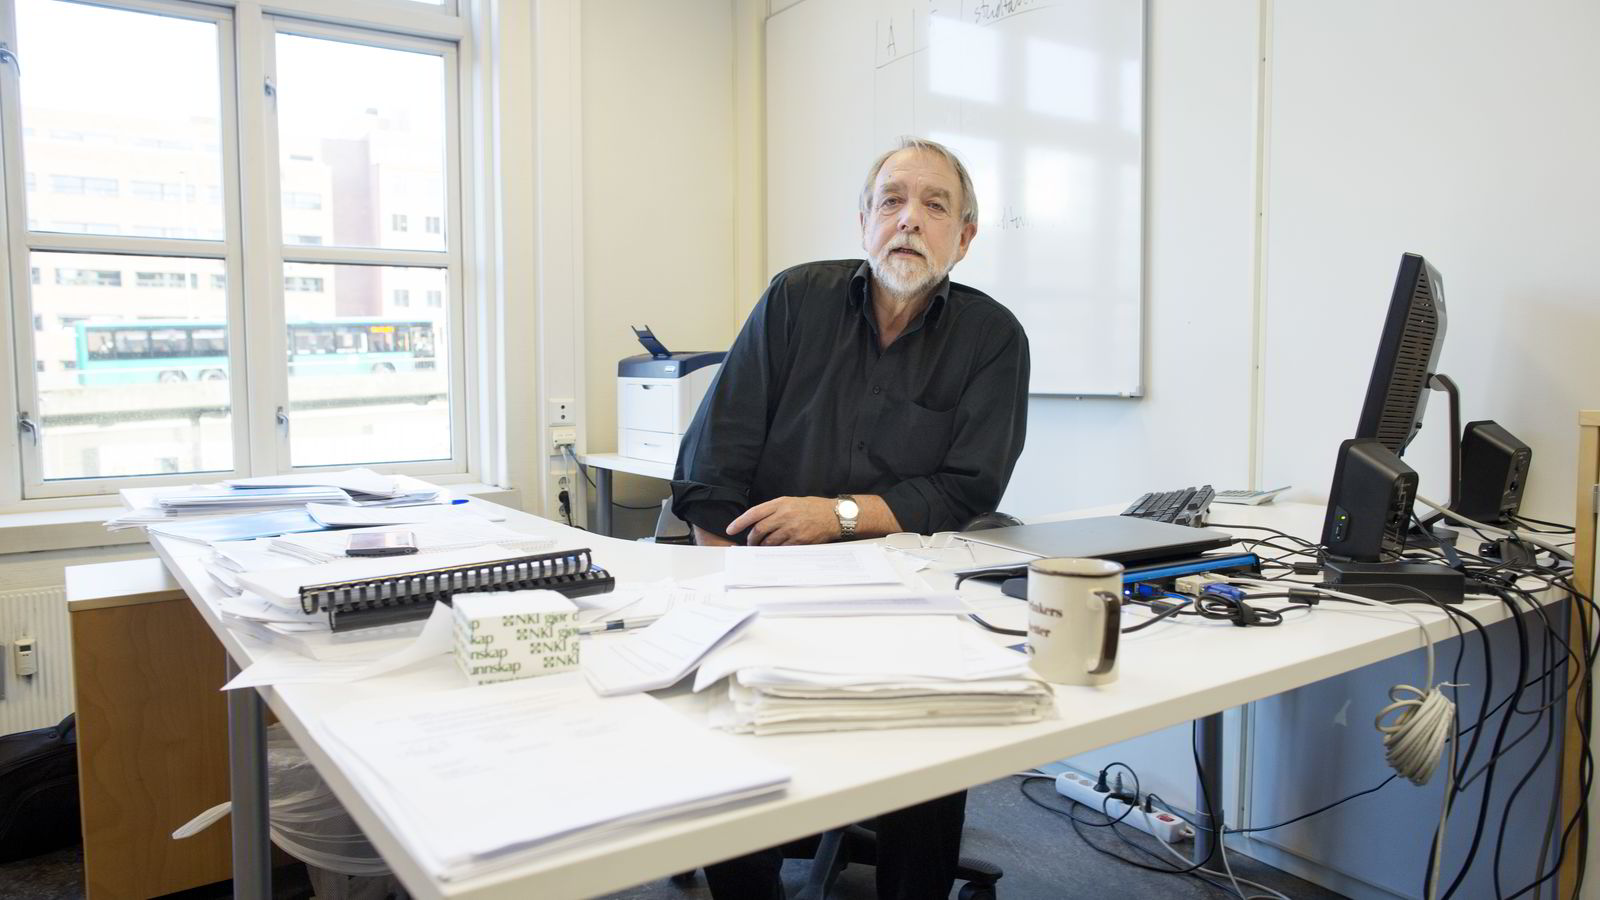 Westerdals-rektor Bjørn Jarle Hanssen erkjenner at skolens film og tv-linje var en egen studieretning. Nå skal Kunnskapsdepartementet vurdere om studiet, som ikke var formelt godkjent, har fått statsstøtte på feil grunnlag.